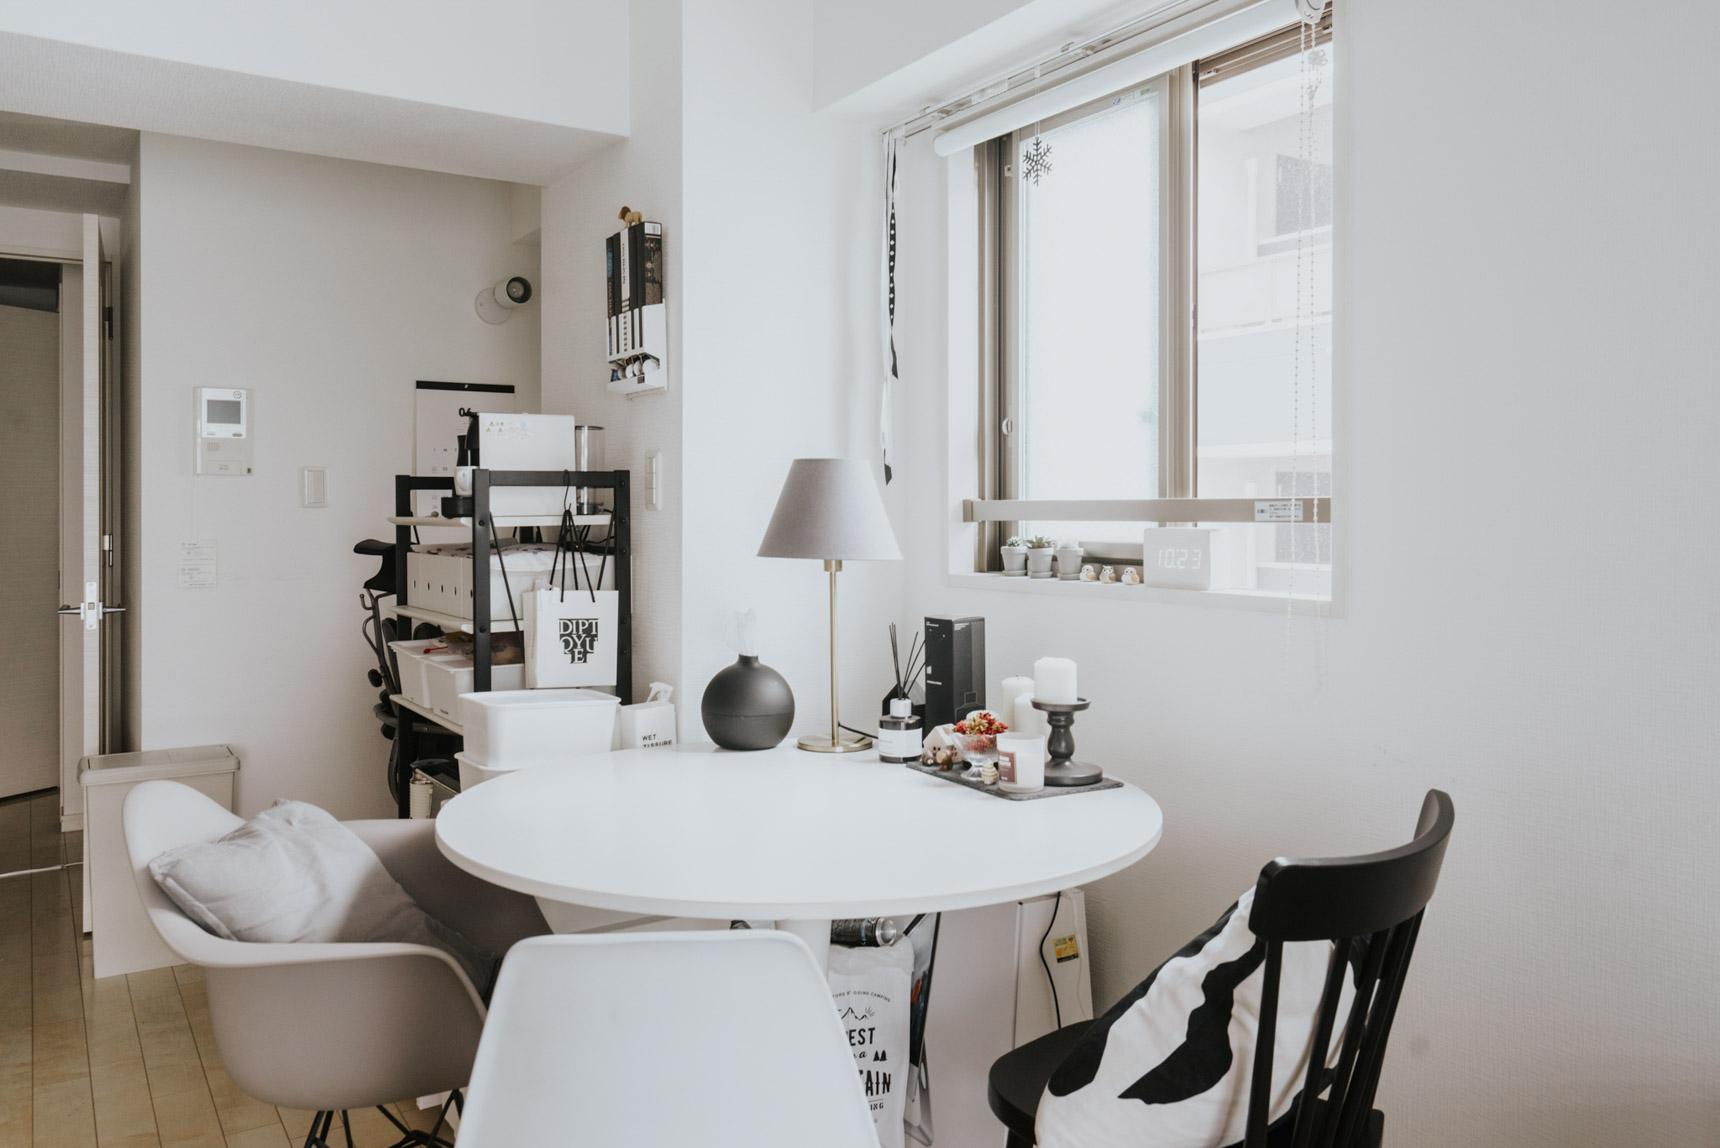 ダイニングテーブルは「丸」を選び、好きな椅子で囲むスタイル。